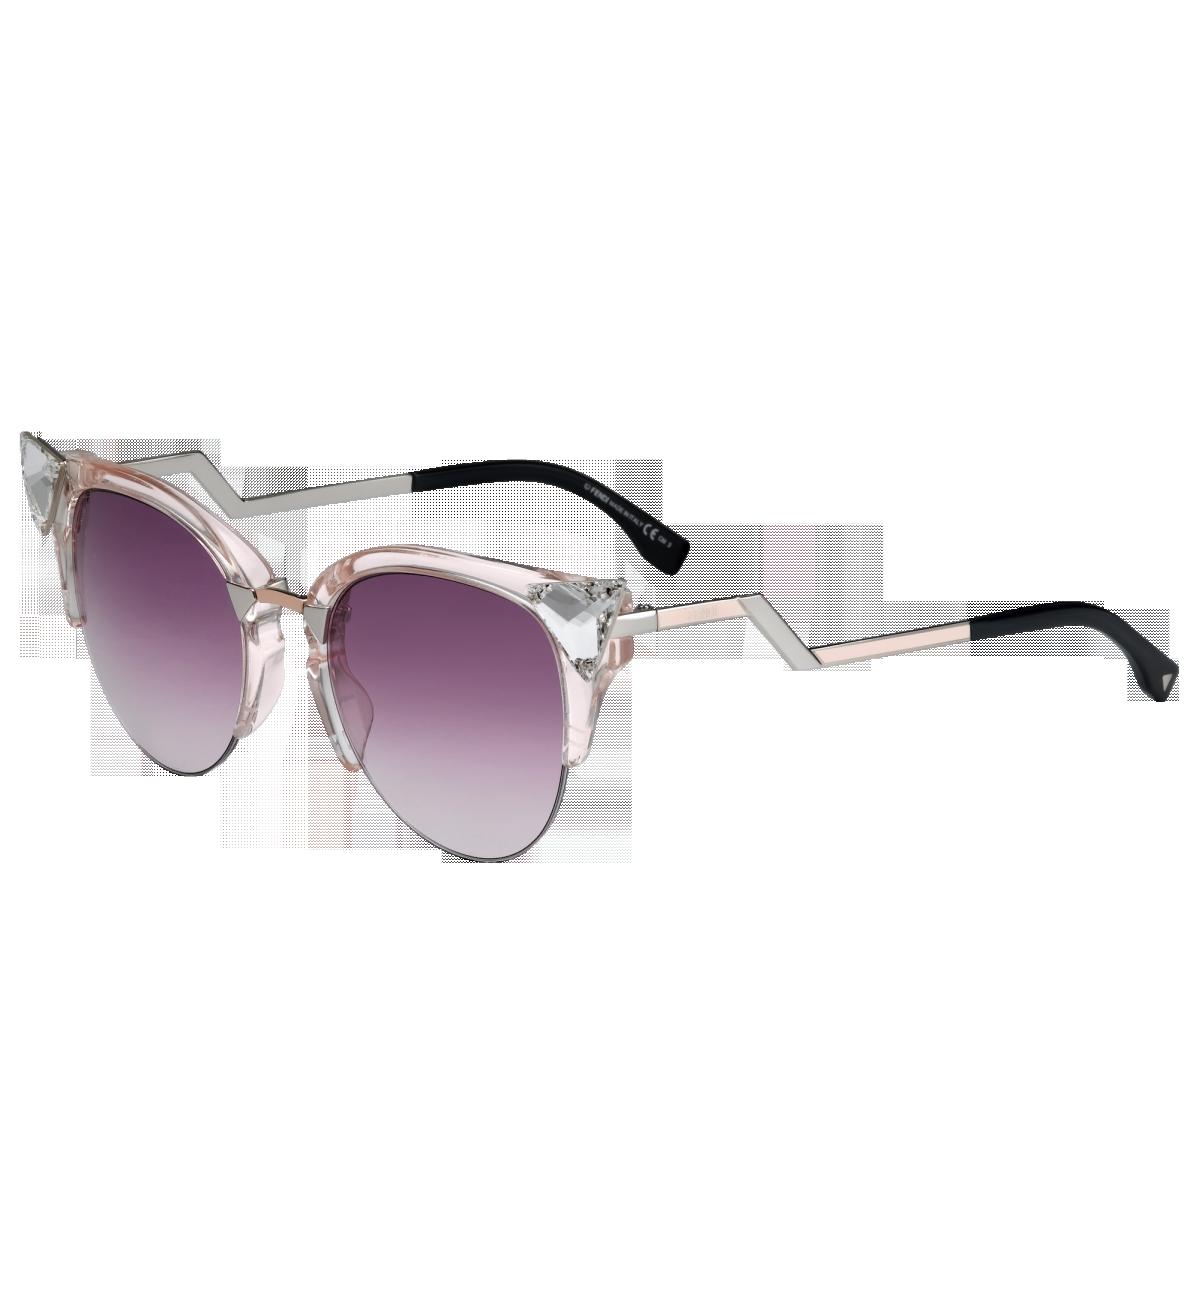 Großhandel Die Meisten Preiswerten Modernen Strand Sonnenbrille Plastik Klassische Art Sonnenbrille Der Frauen Und Der Männer Viele Farben, Zum Der